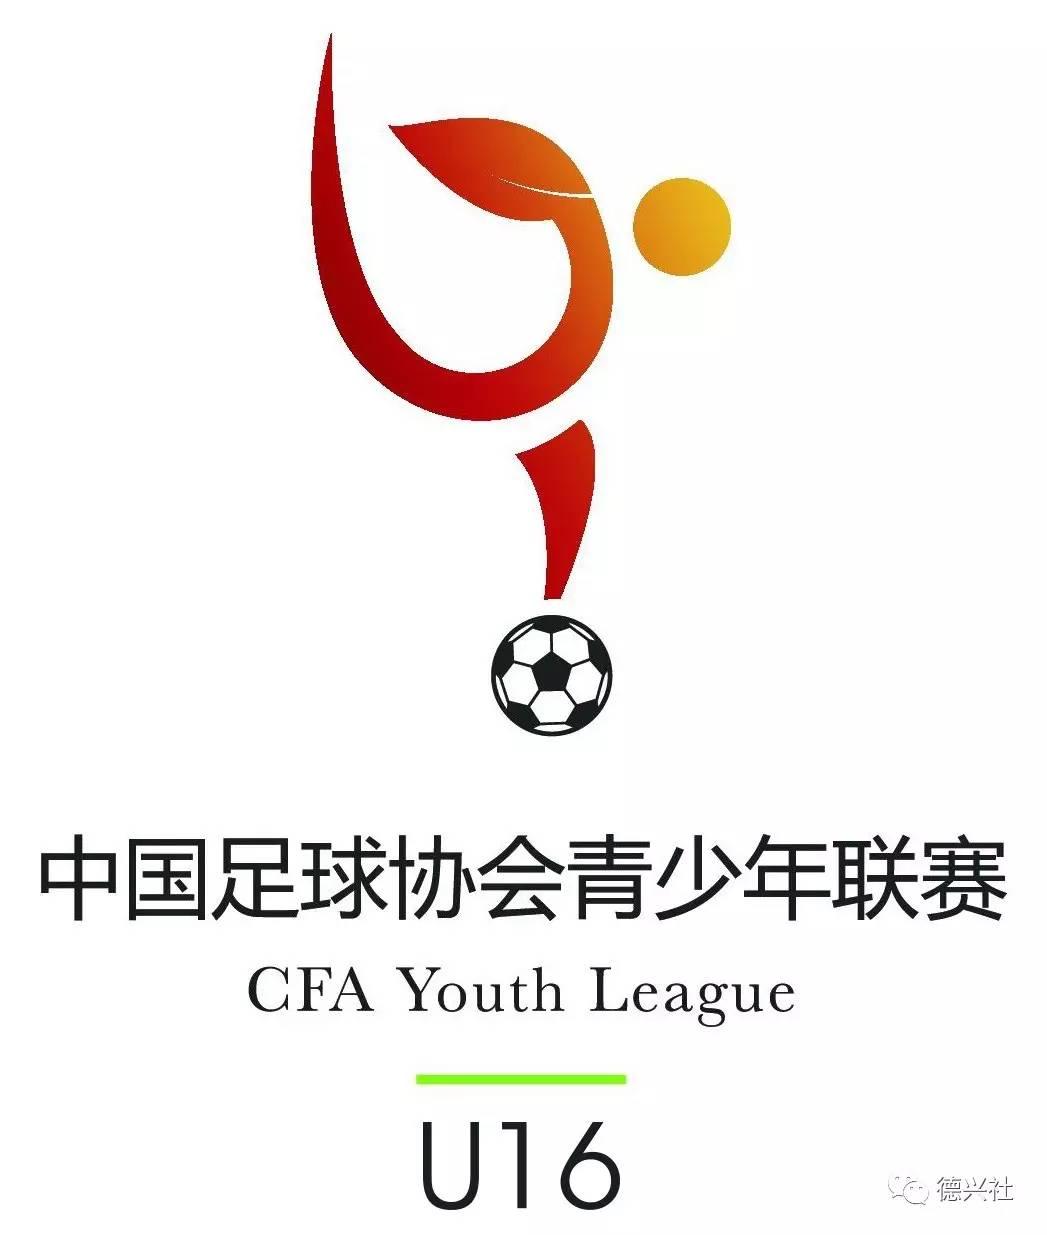 U16联赛第三阶段首轮●半程冠军新疆宋庆龄开门红 山东鲁能意外被逼平